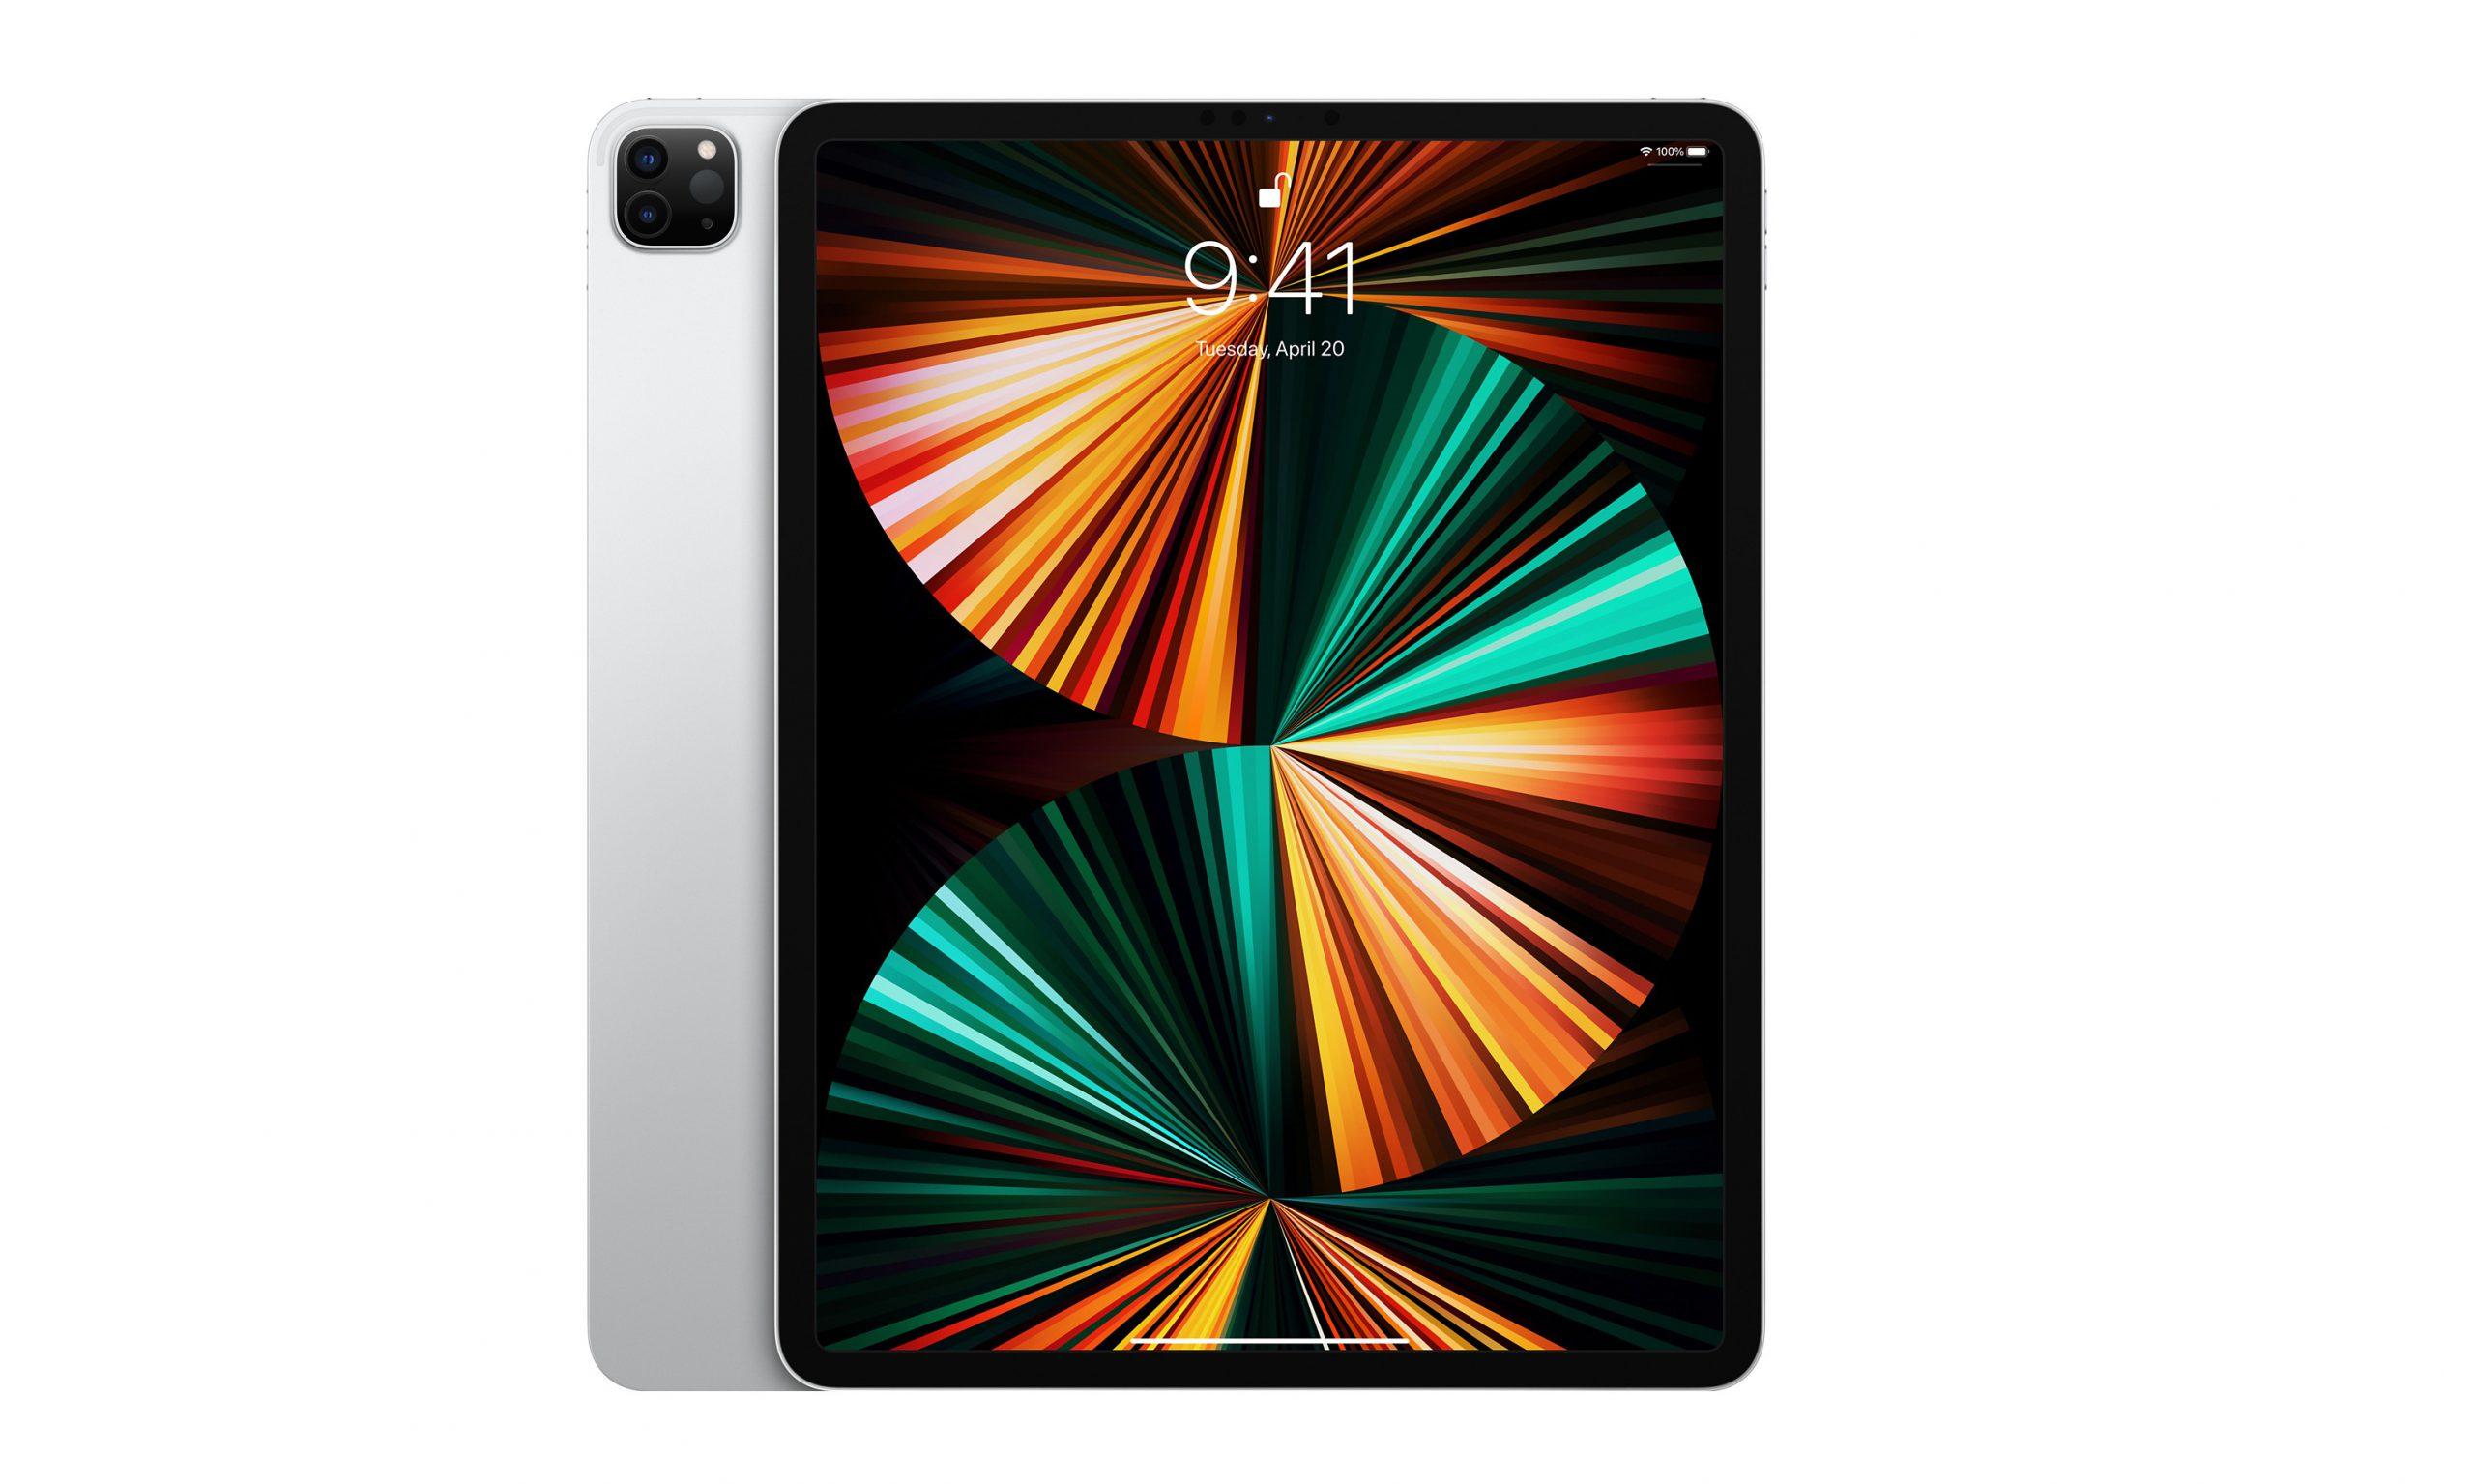 苹果或将推出更大尺寸 iPad